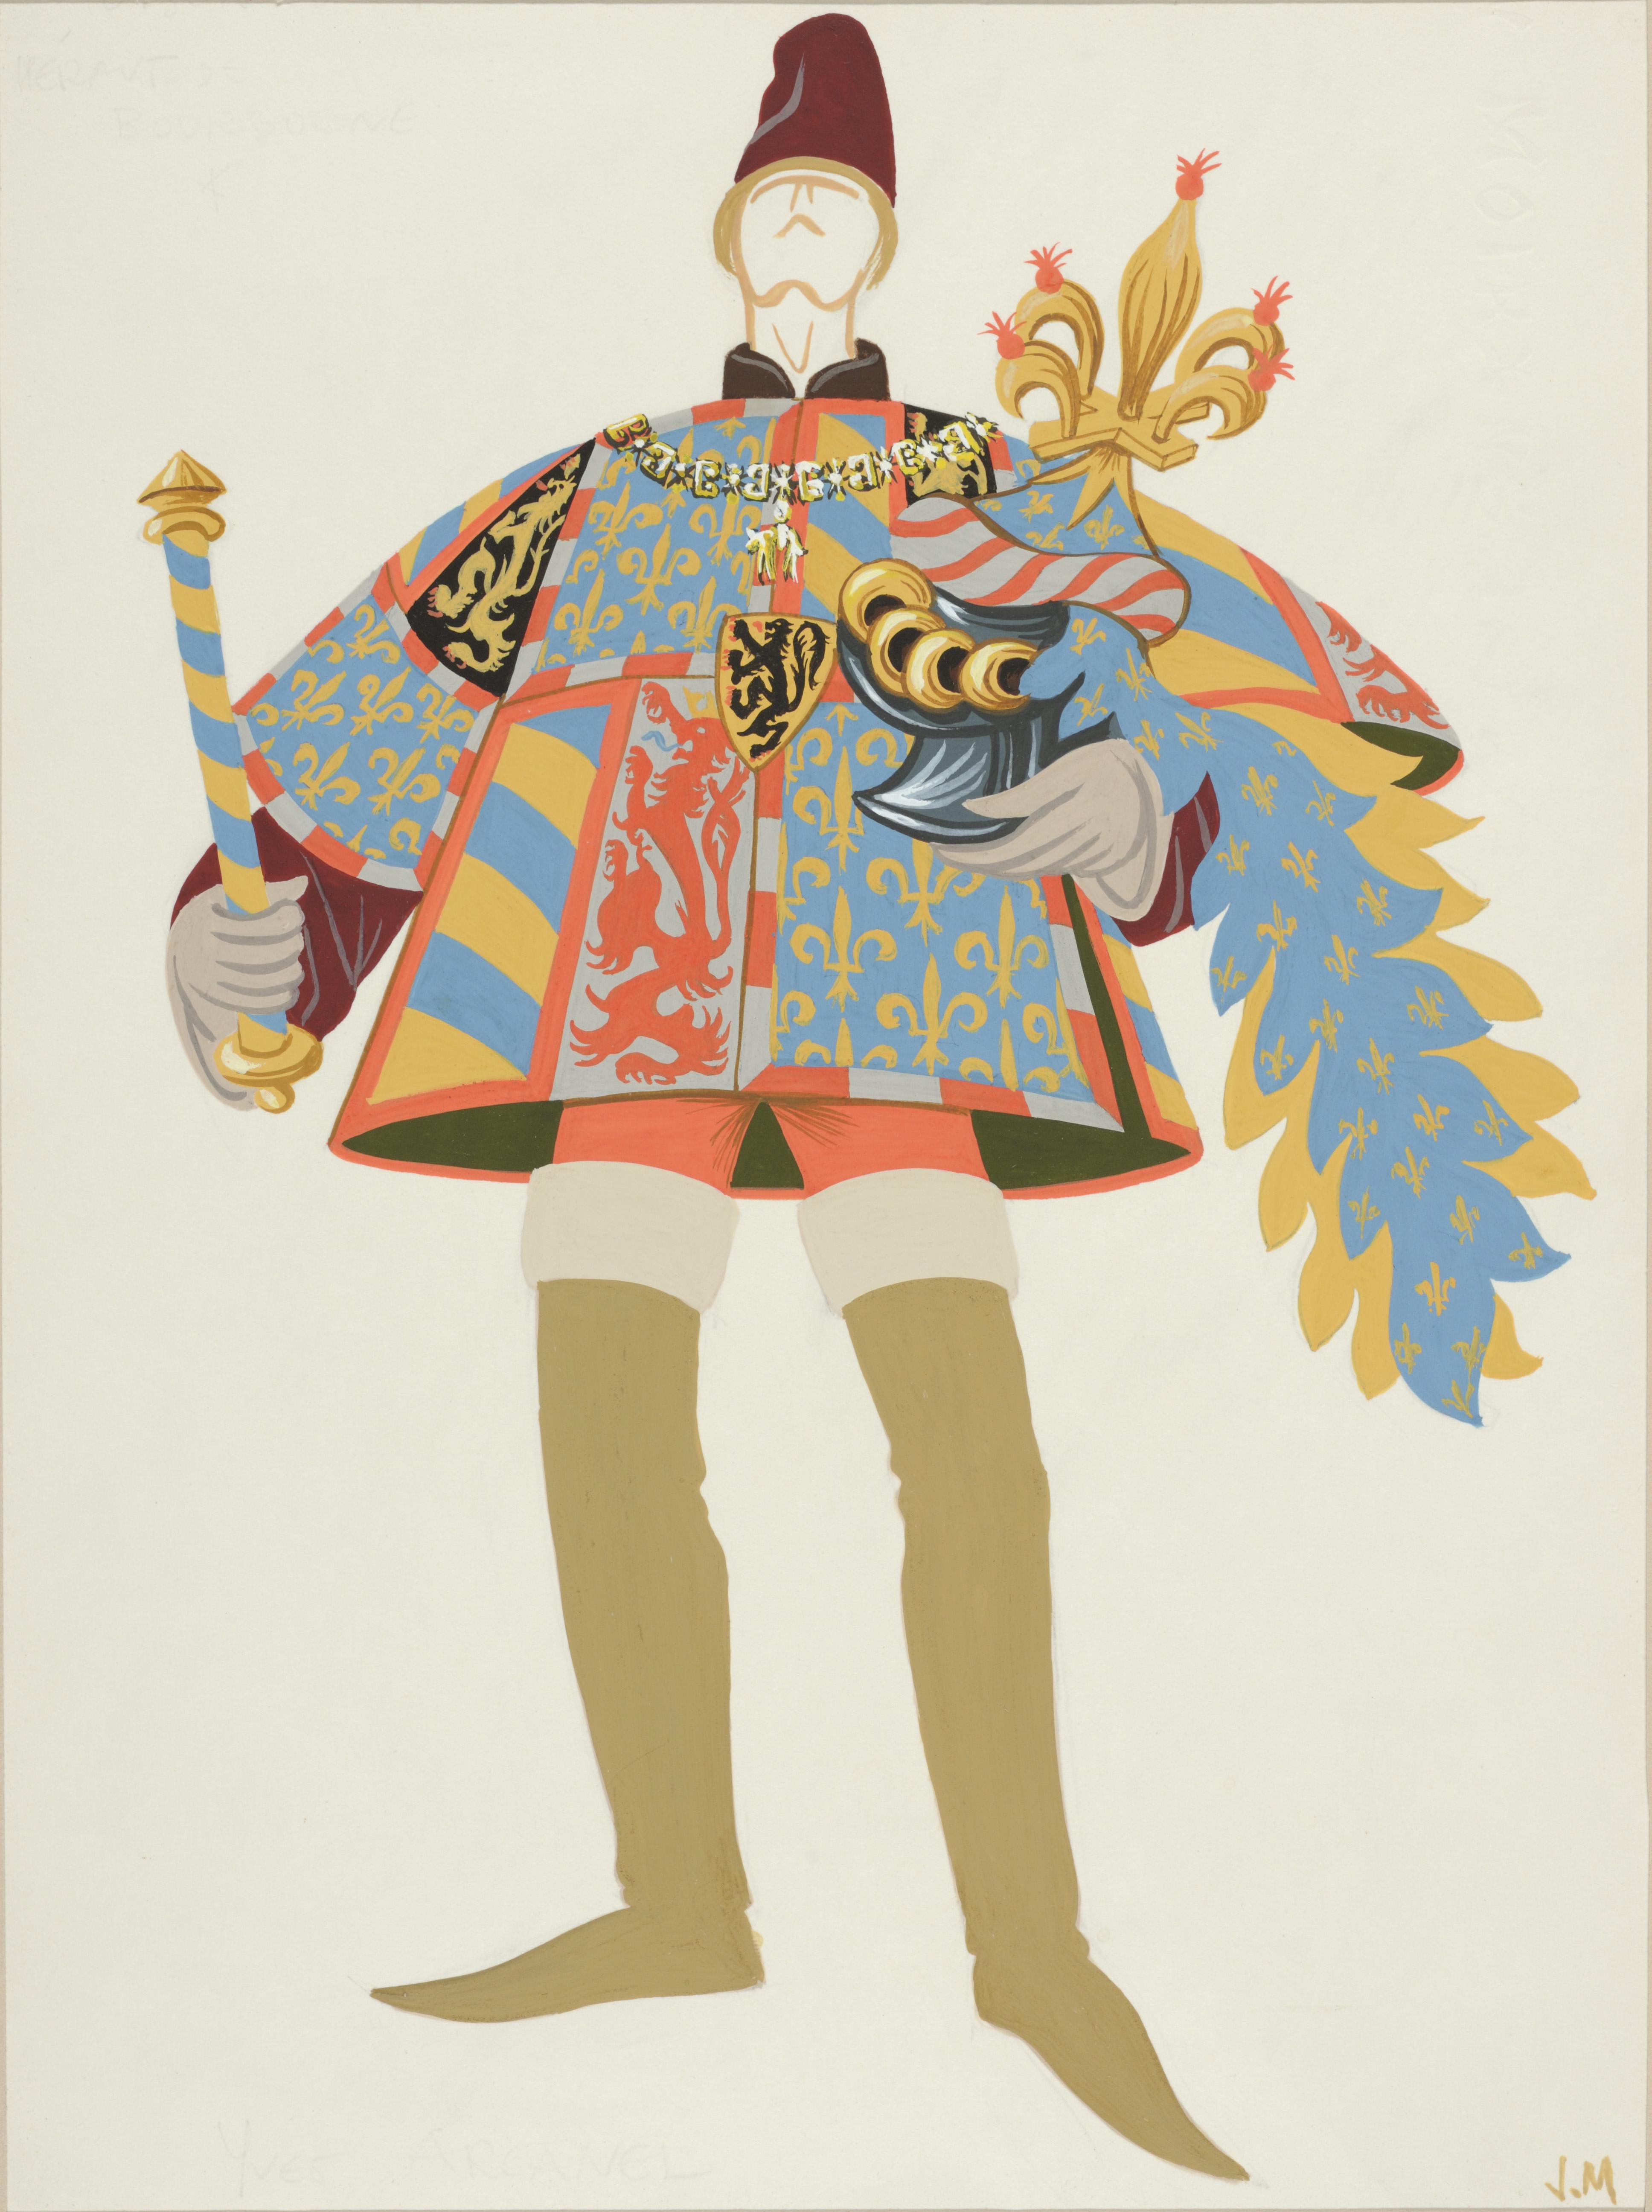 Maquette de costume pour le Héraut de Bourgogne dans La Longue chasse du Roi Louis, de Jean Martin, 1970, gouache et encre sur papier, 31,1 x 23 cm, don de Janine Martin, fille de l'artiste. © Alain Leprince